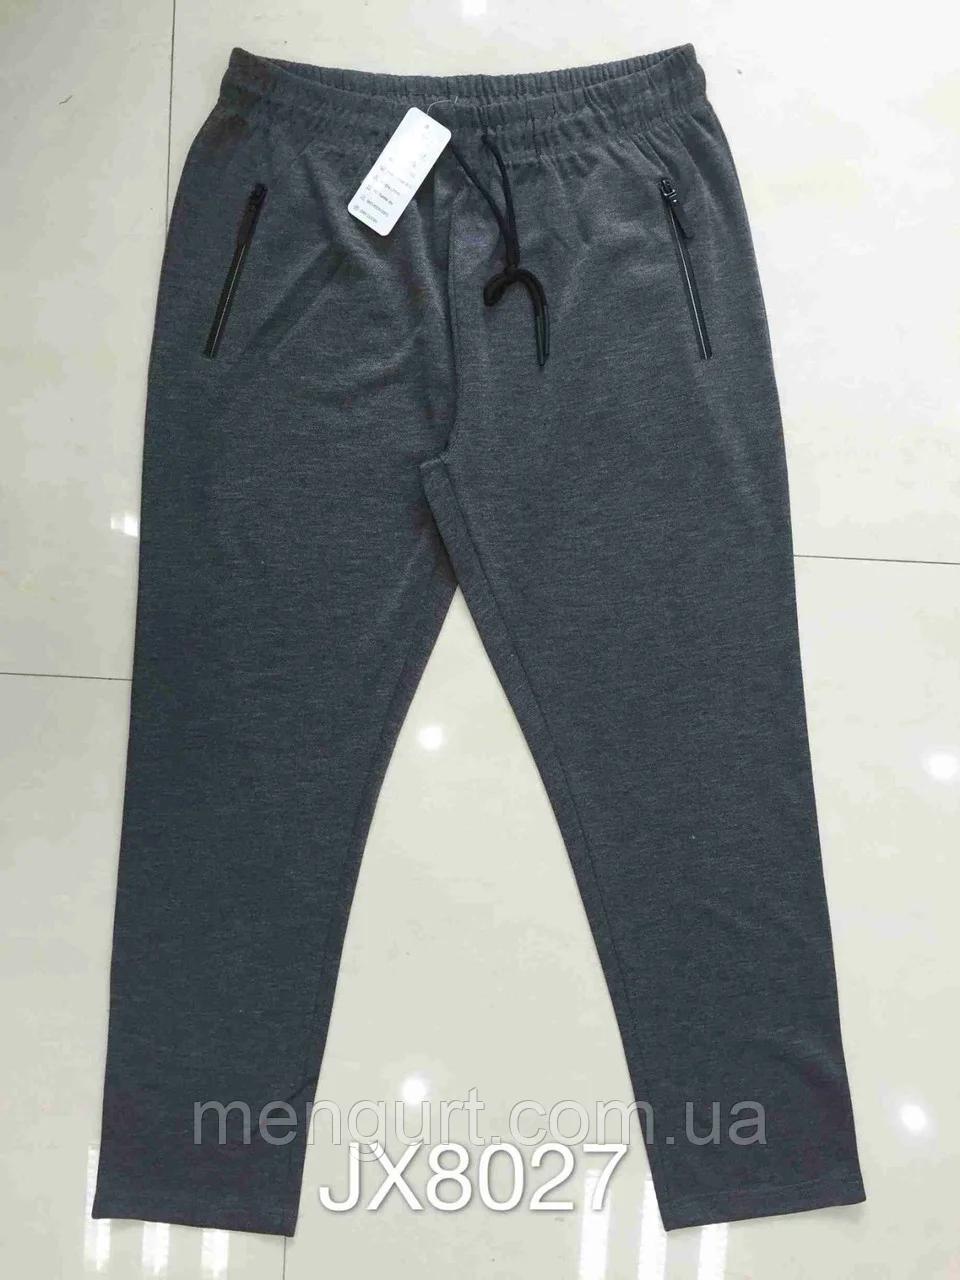 Спортивные брюки больших размеров серого цвета